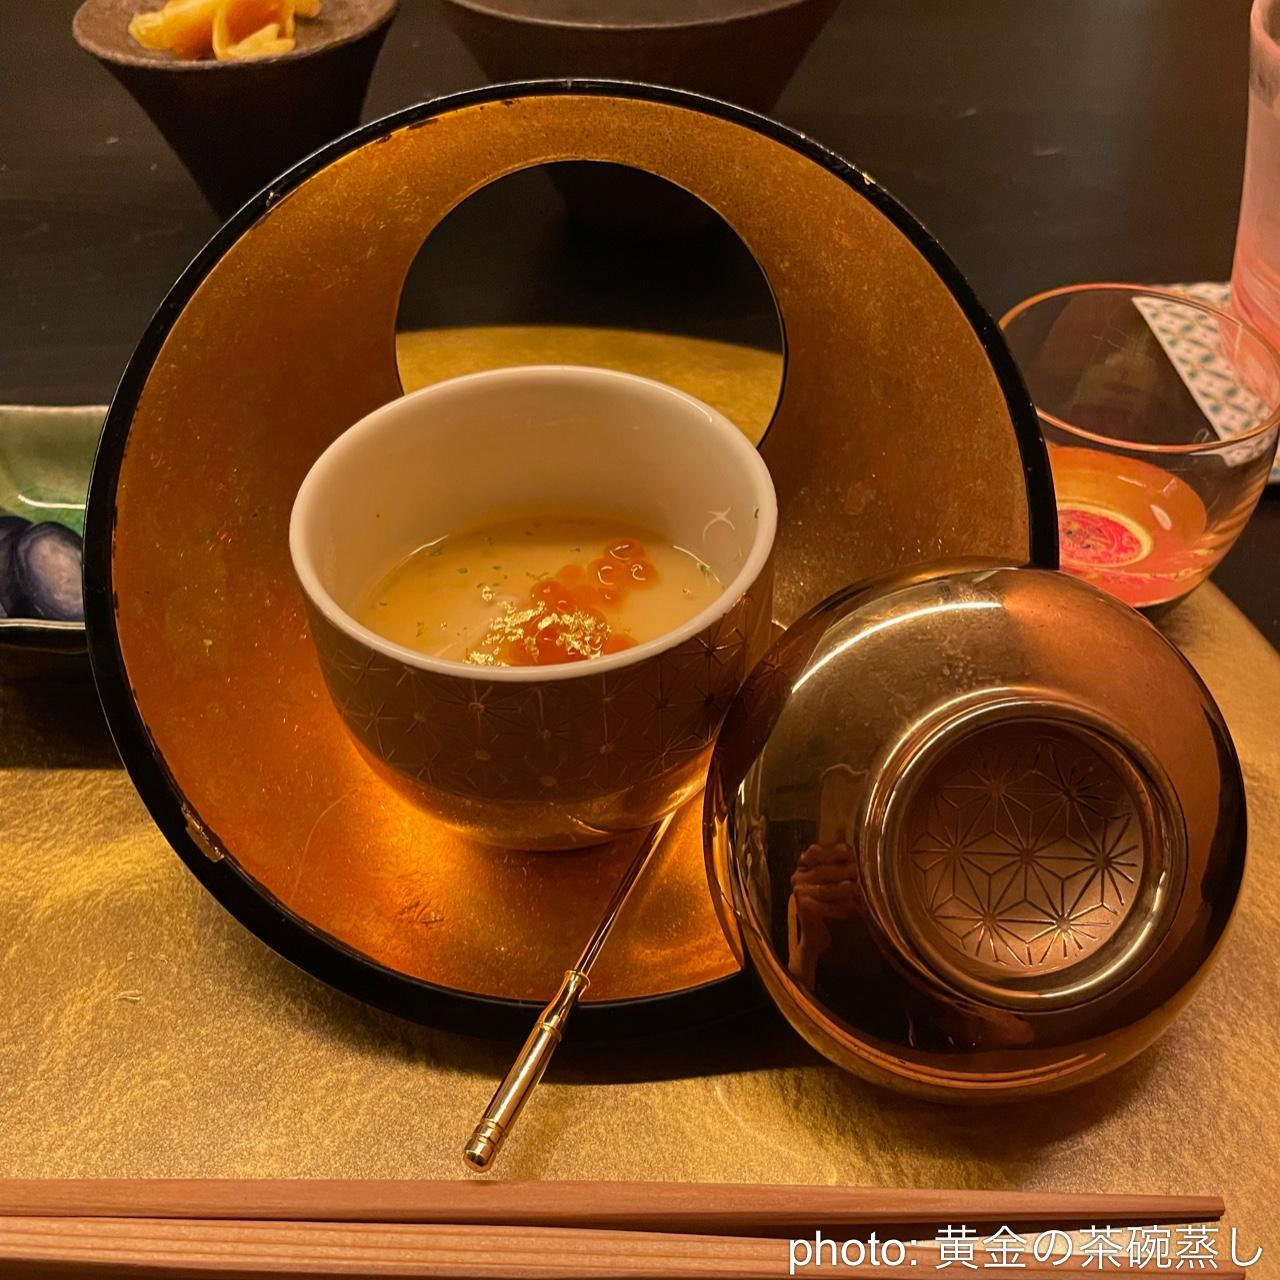 鮨 四 (yon)六本木の寿司店>